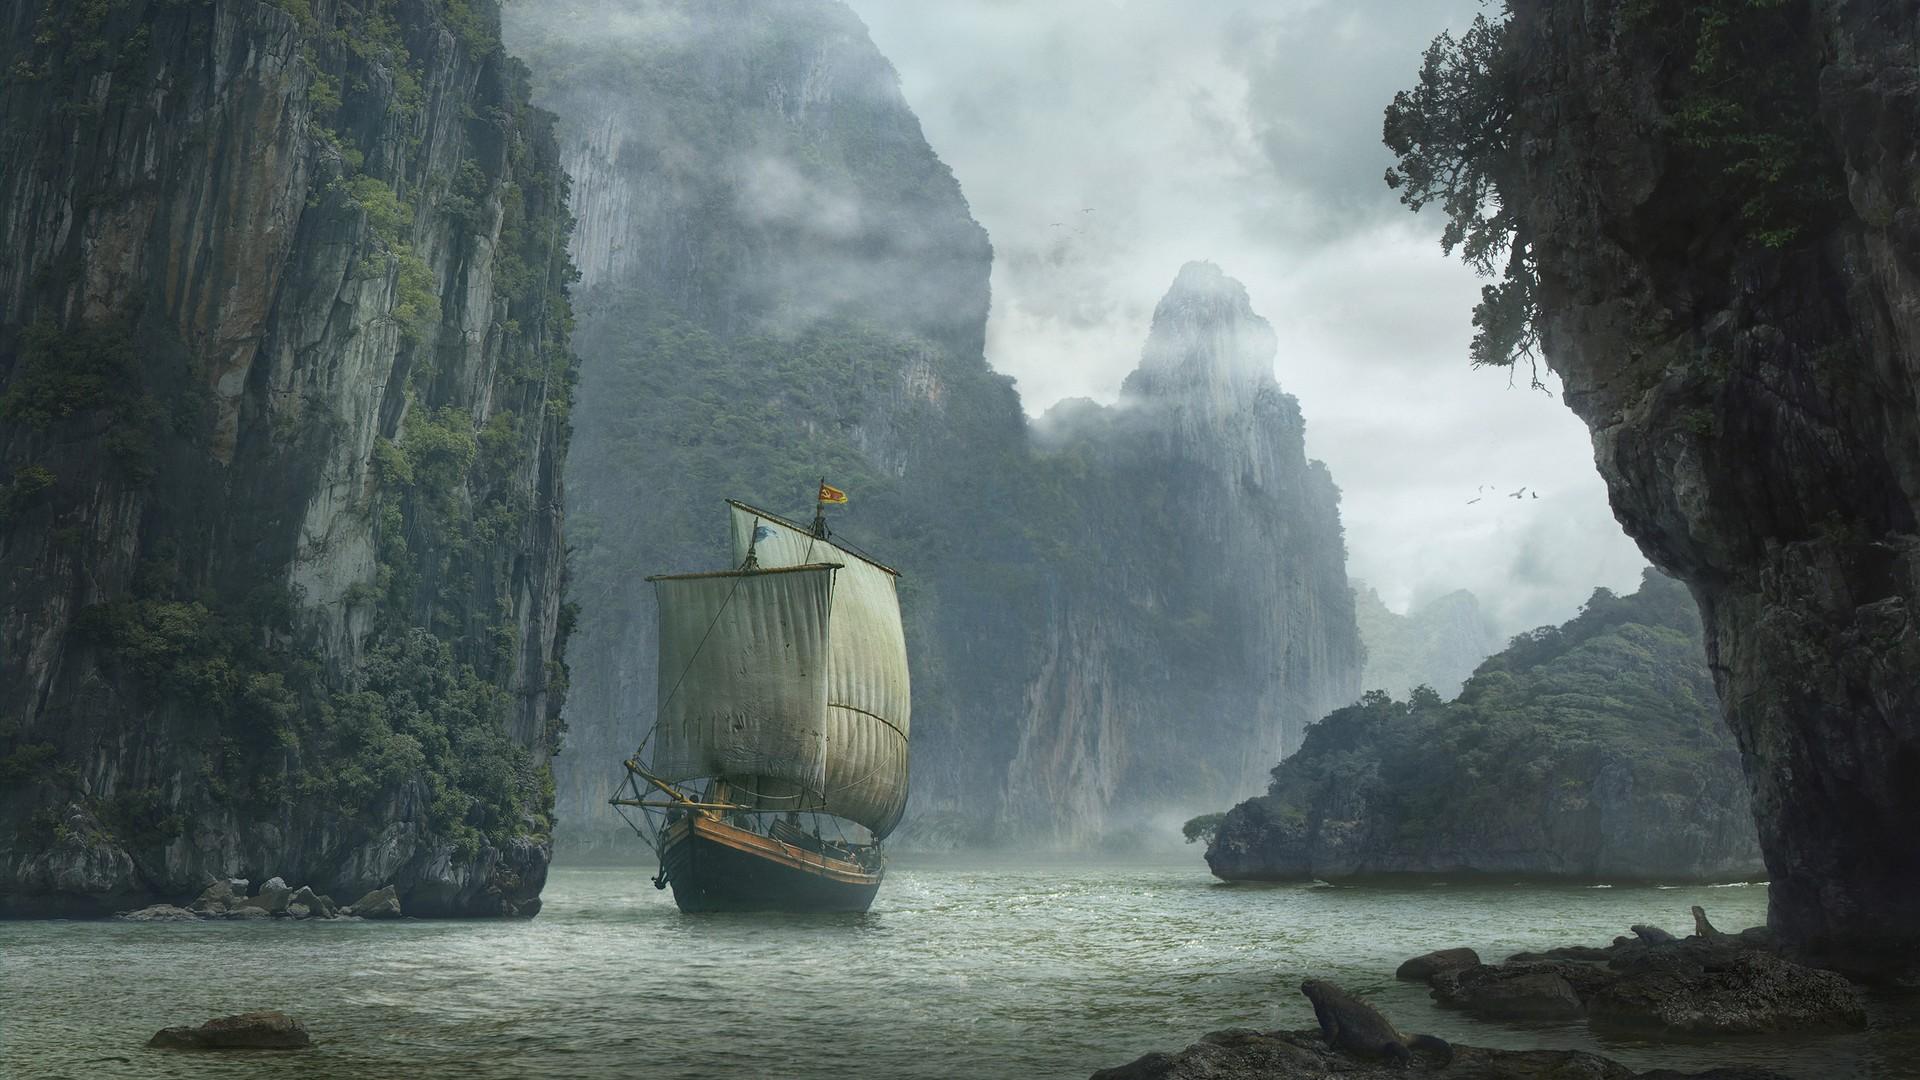 картинка корабль море скалы нас всегда